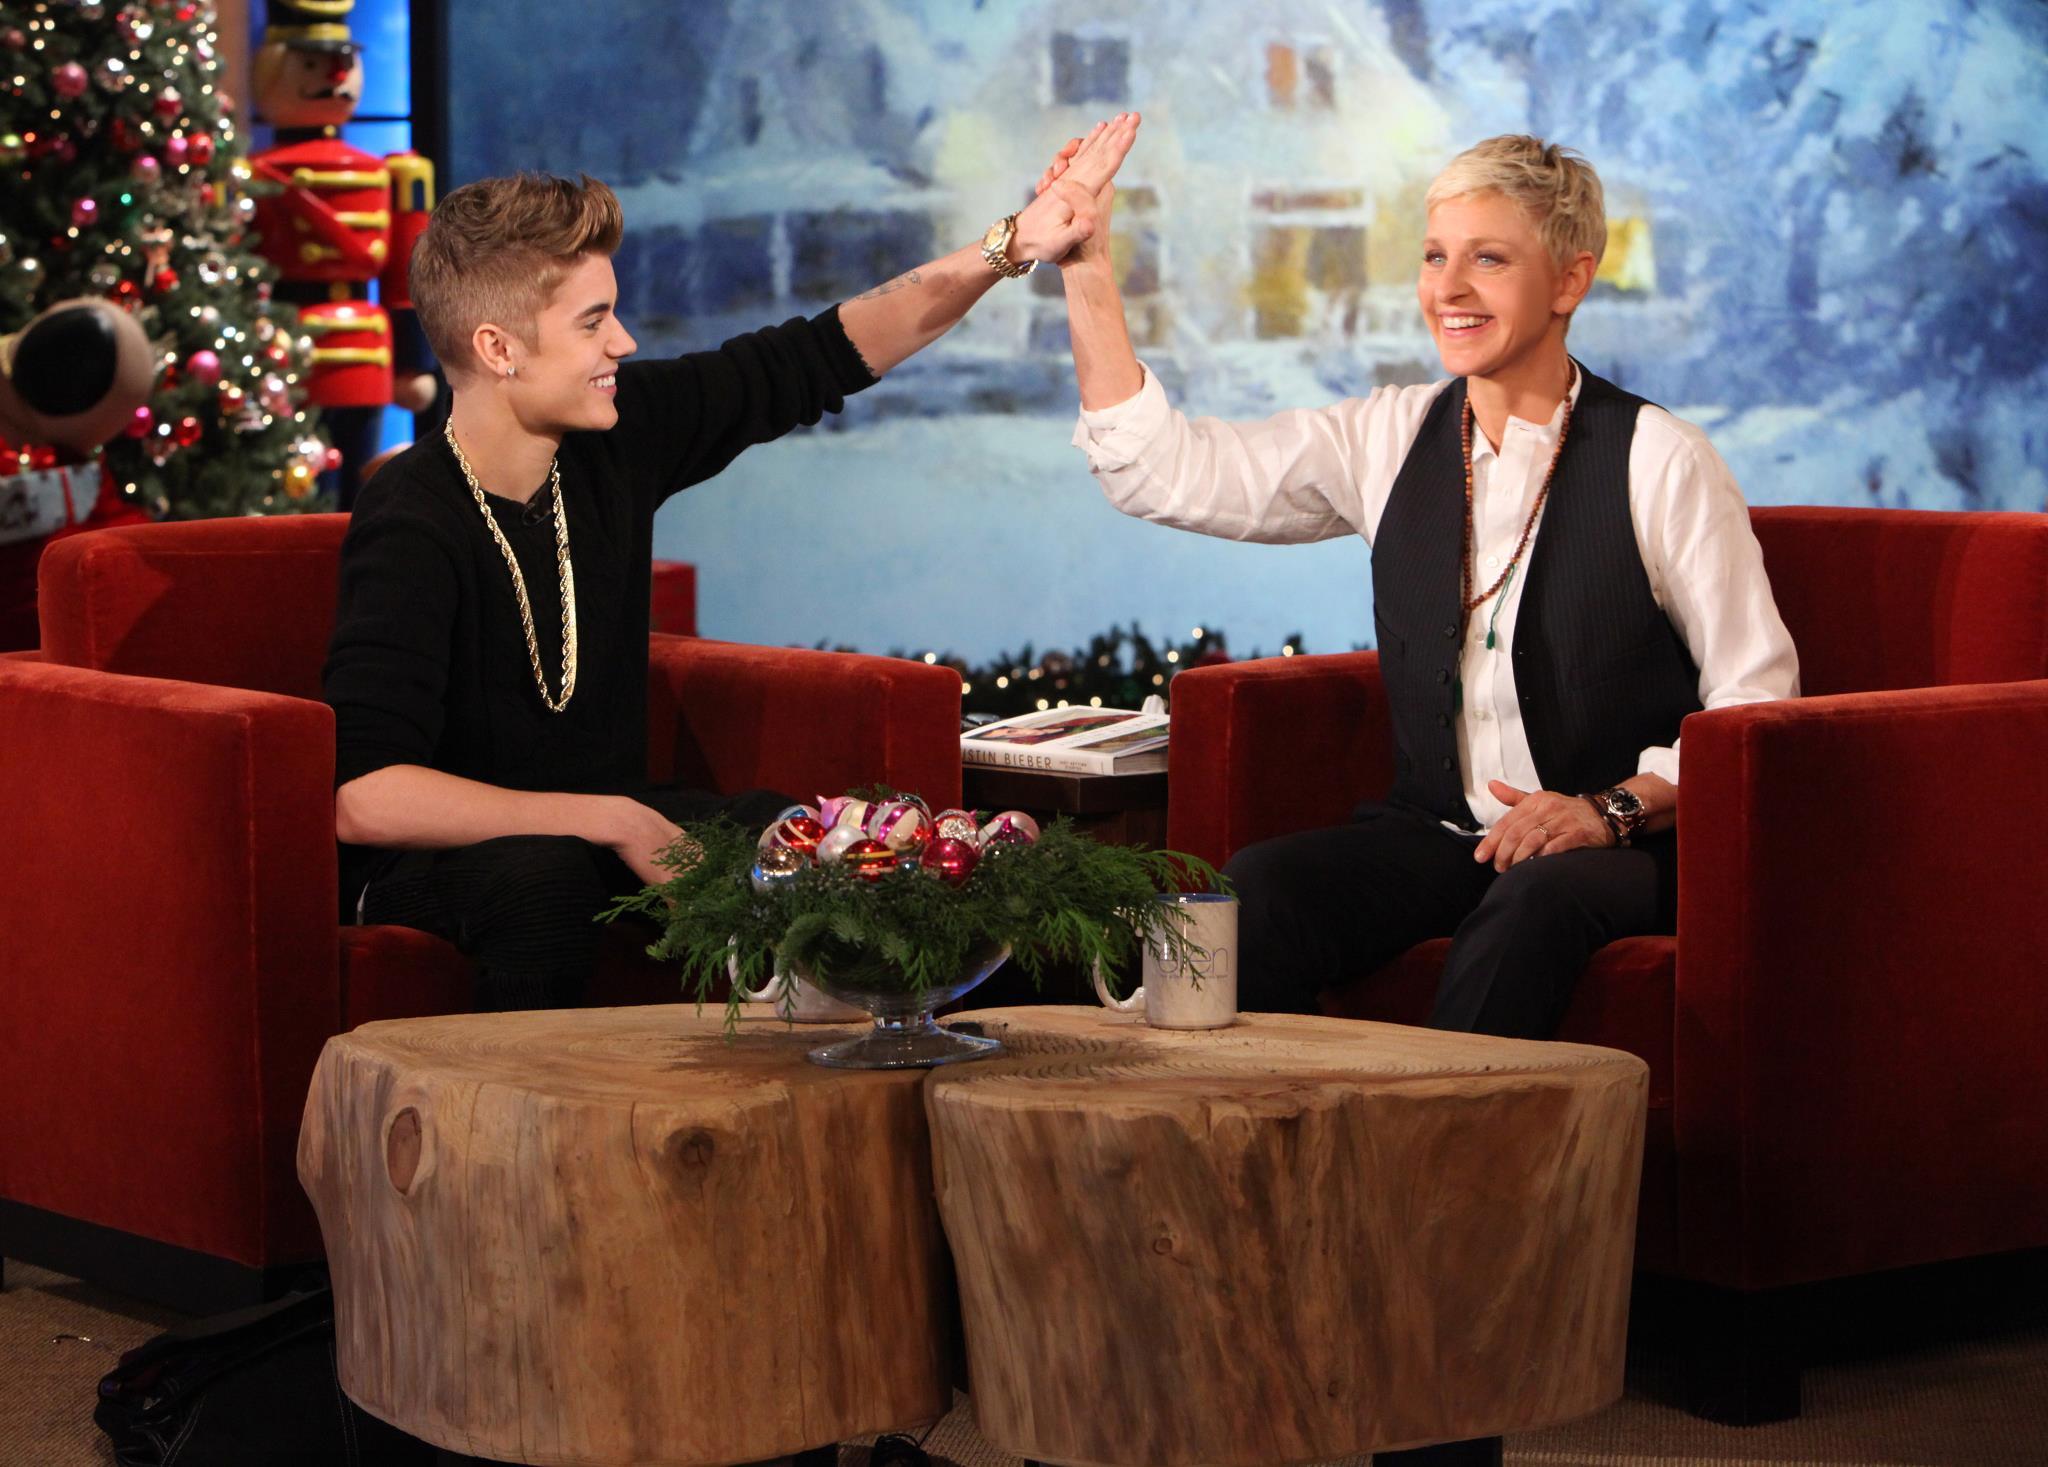 Ellen degeneres gay rights role lauded